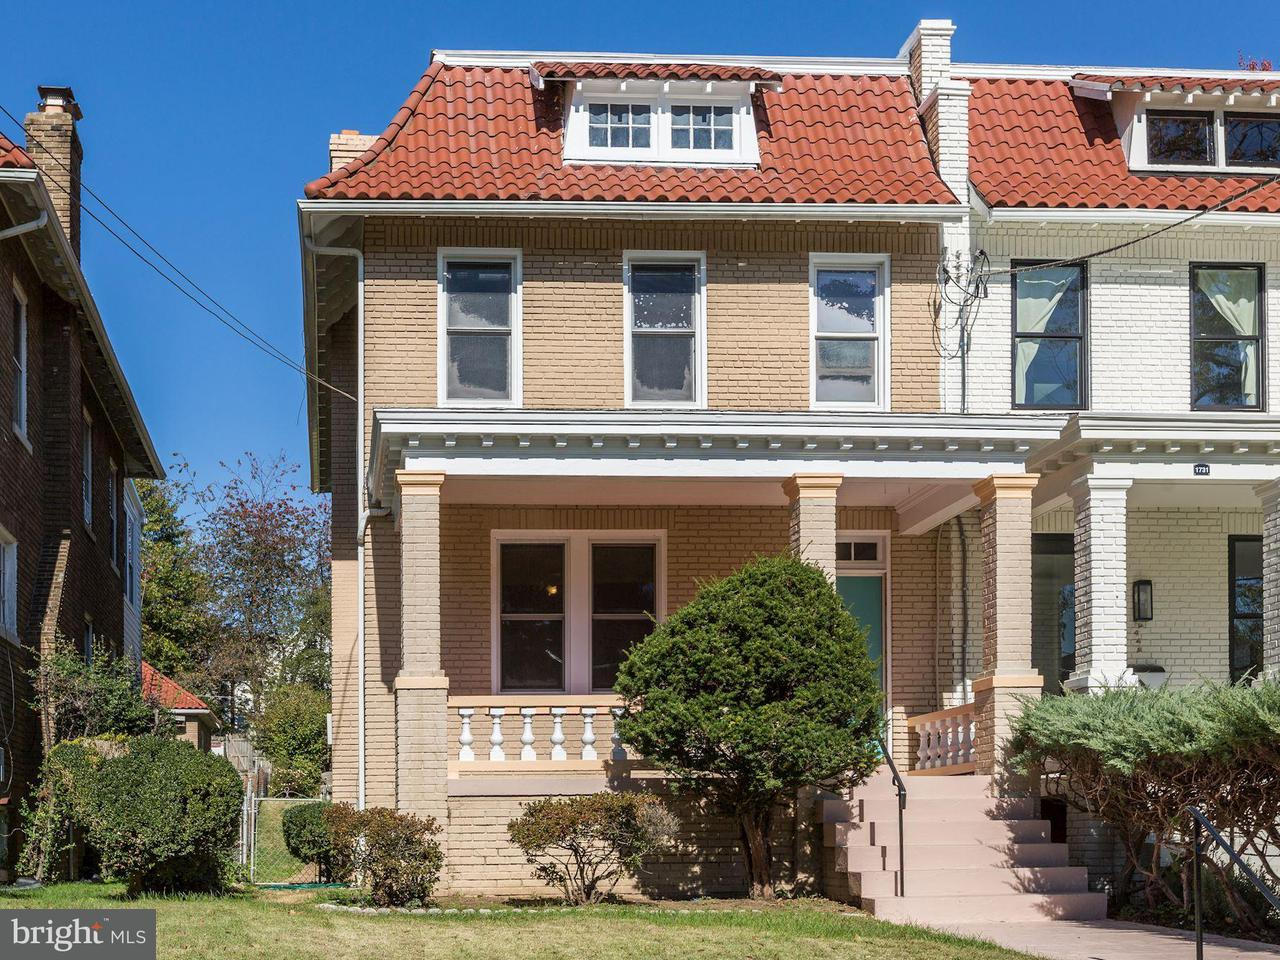 Σπίτι στην πόλη για την Πώληση στο 1733 UPSHUR ST NW 1733 UPSHUR ST NW Washington, Περιφερεια Τησ Κολουμπια 20011 Ηνωμενεσ Πολιτειεσ